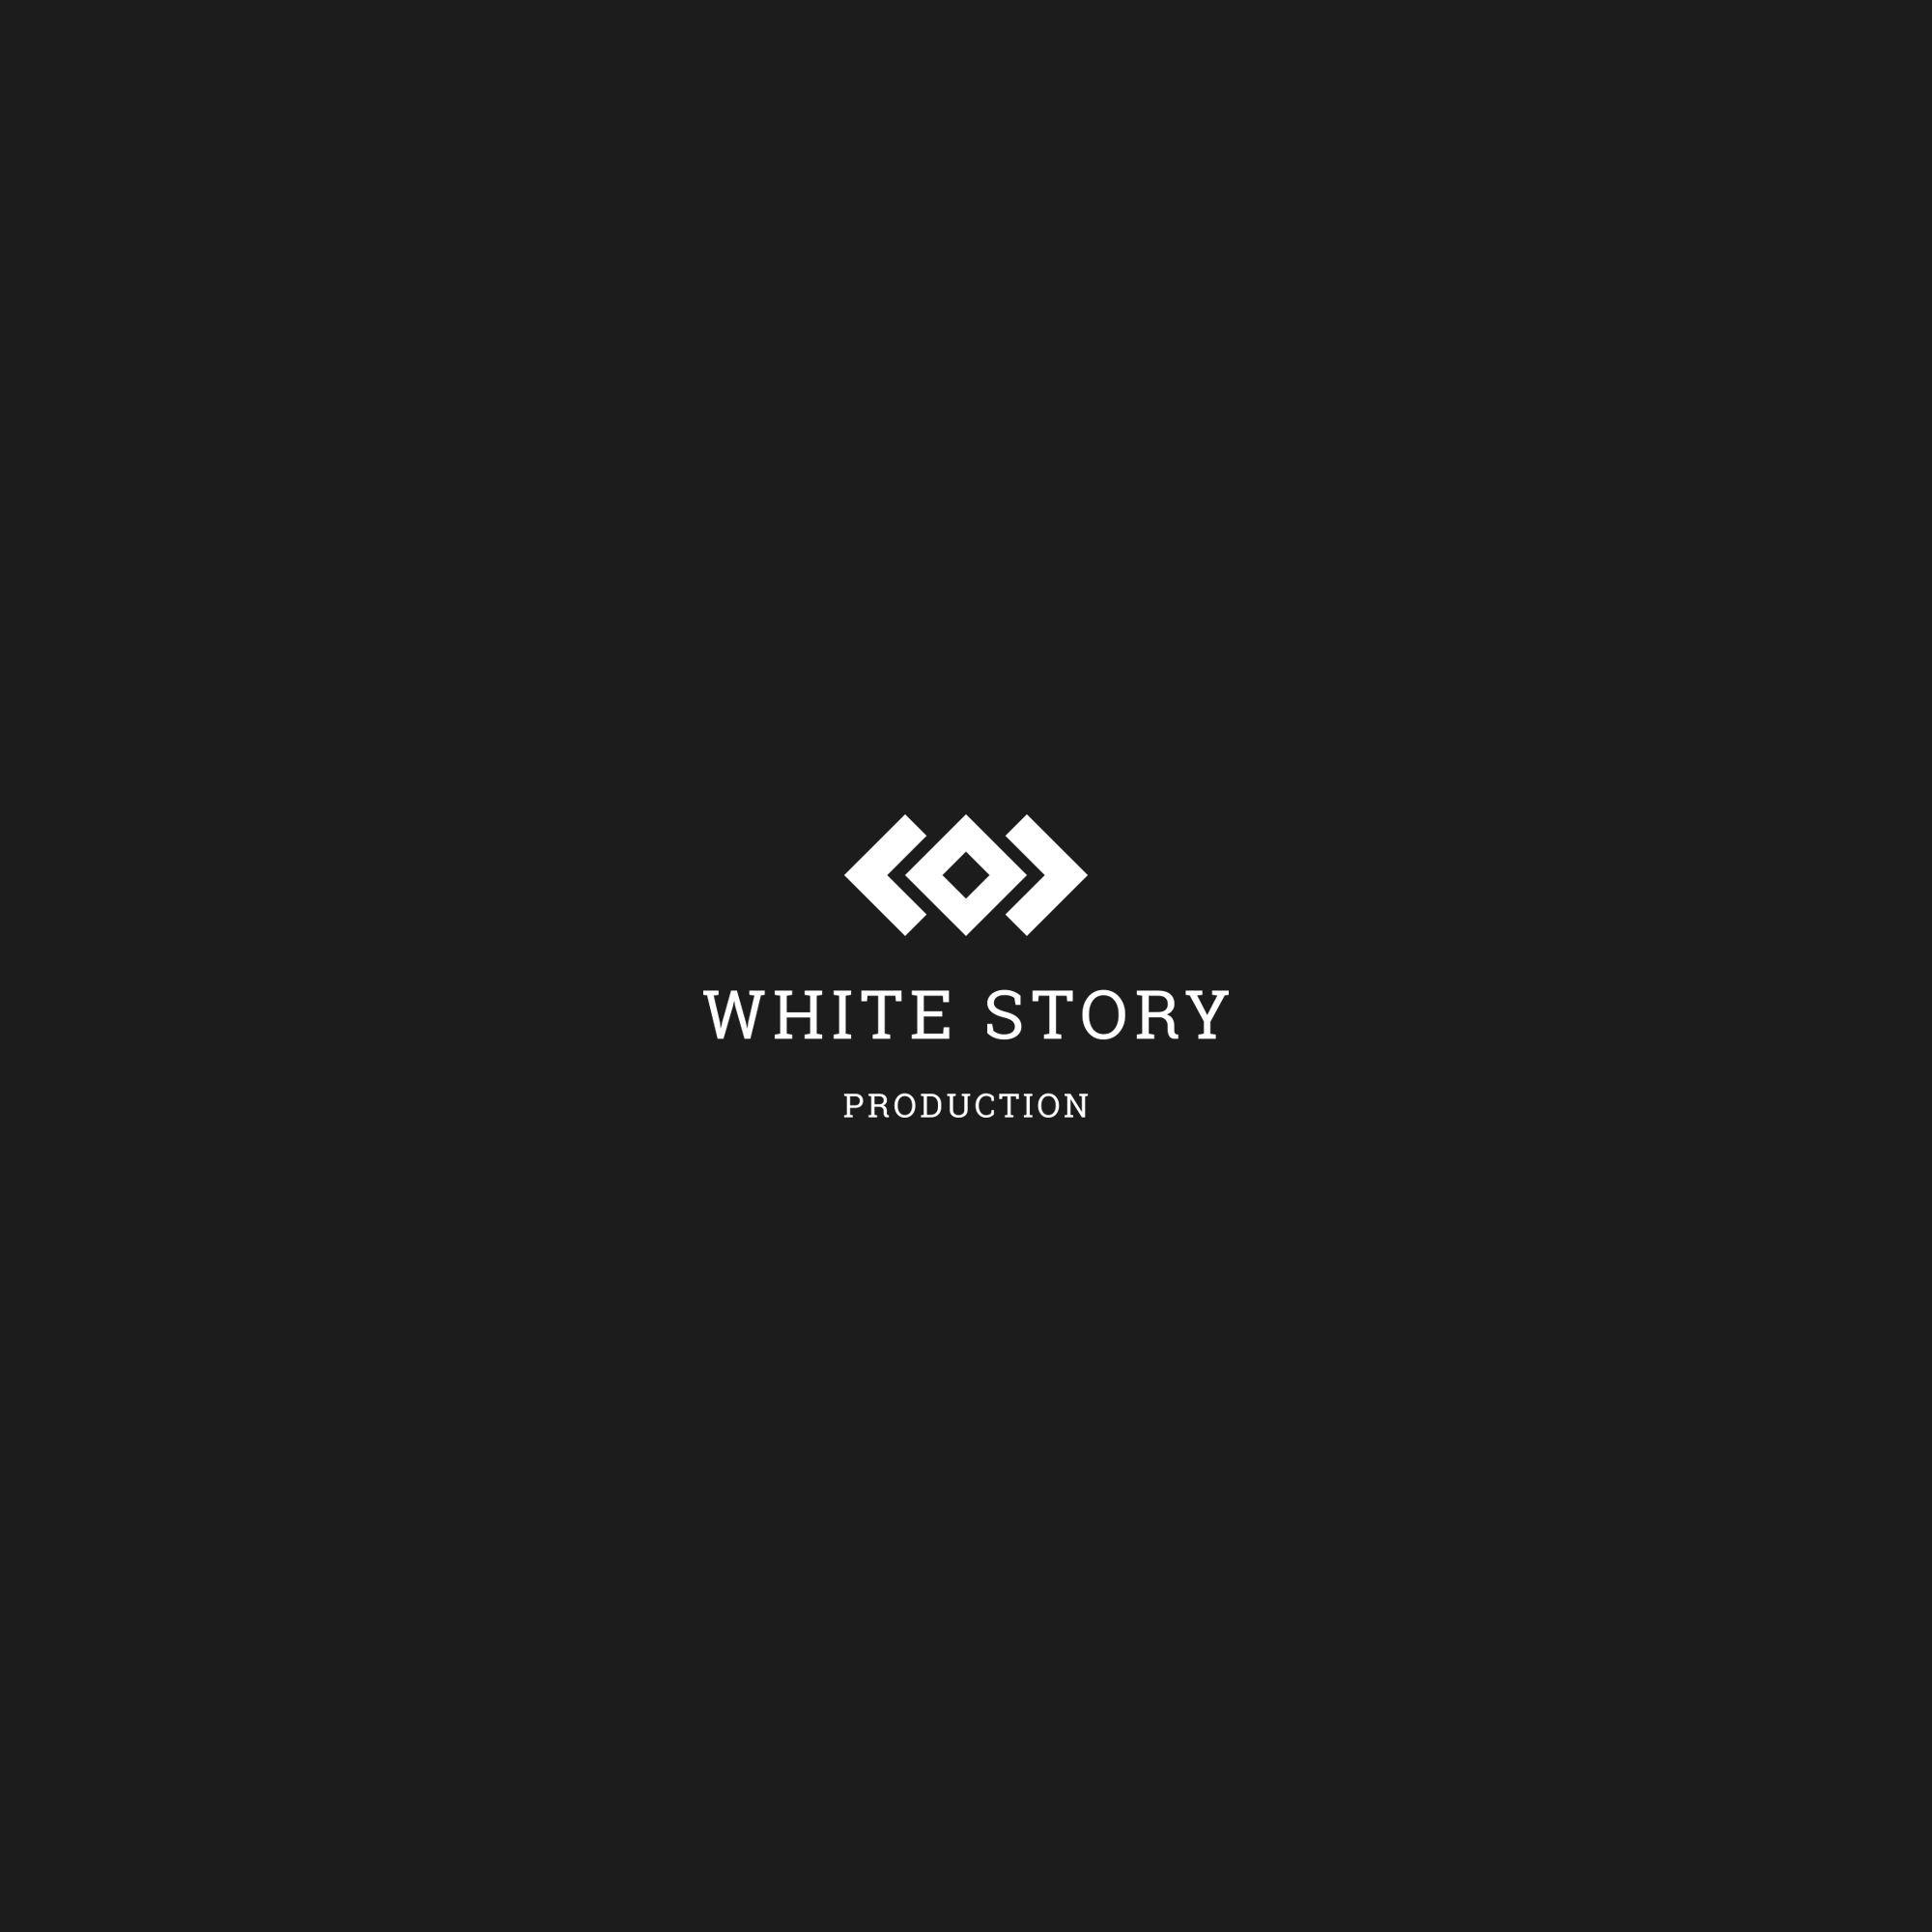 Логотип для Логотип для Фото и Видео продакшена - дизайнер Vebjorn